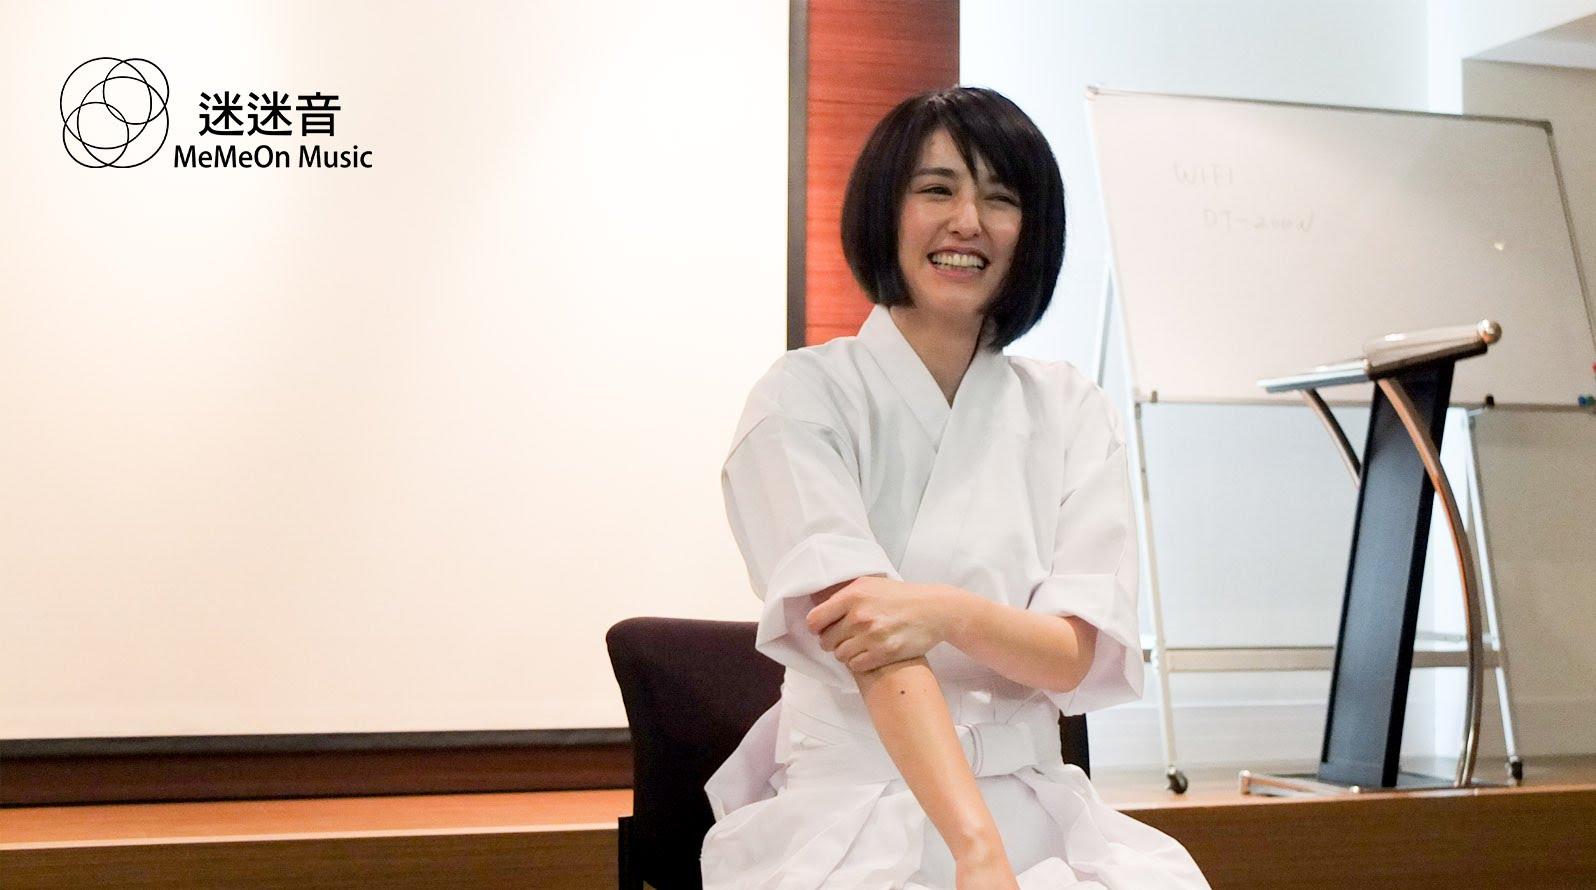 從宮崎駿到生死觀--現代「神隱少女」藝術家小松美羽訪談(2)